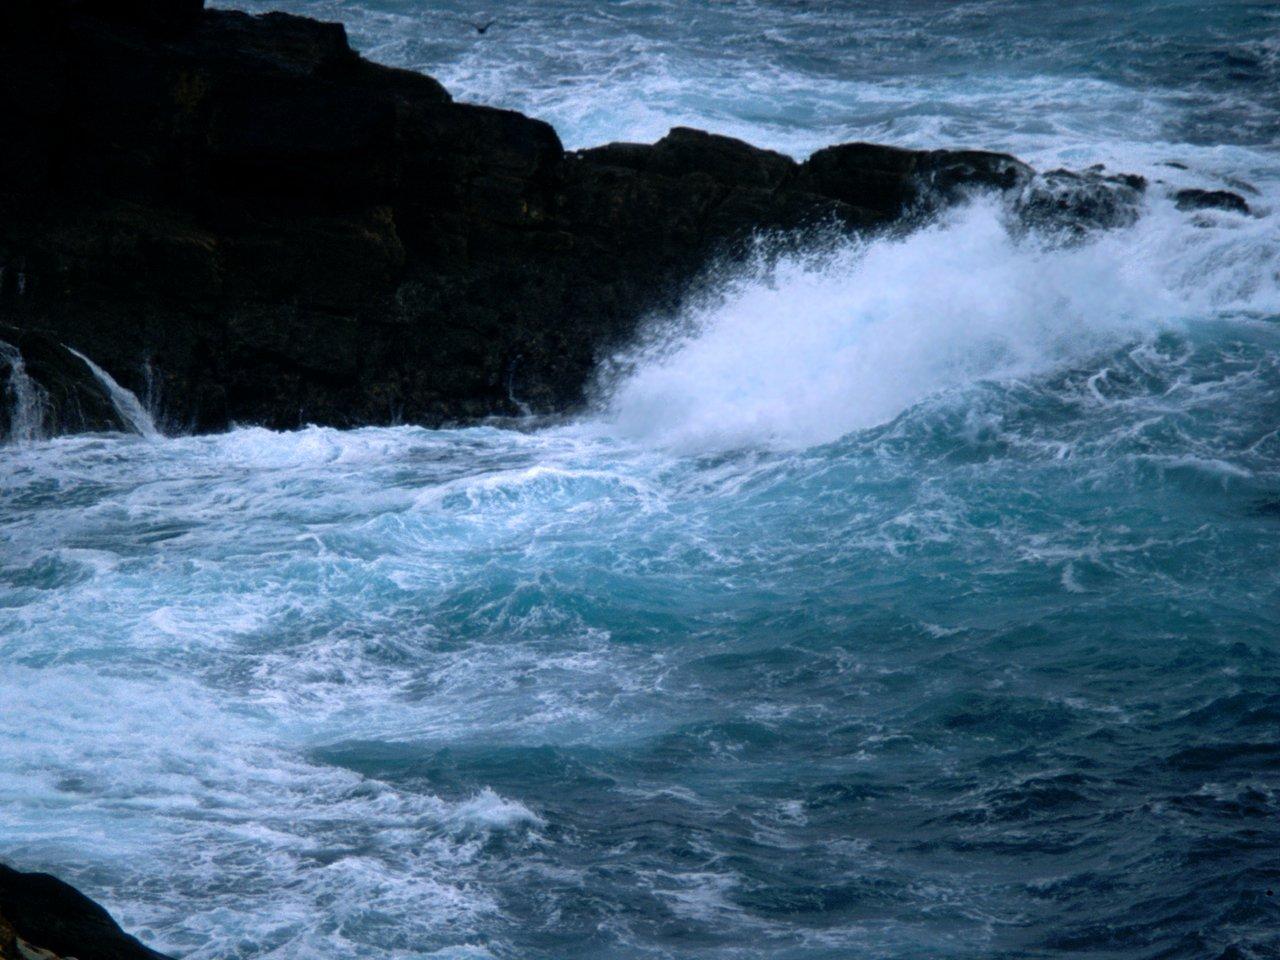 Edenpics natura immagini sfondi gratuite della natura for Immagini per desktop mare